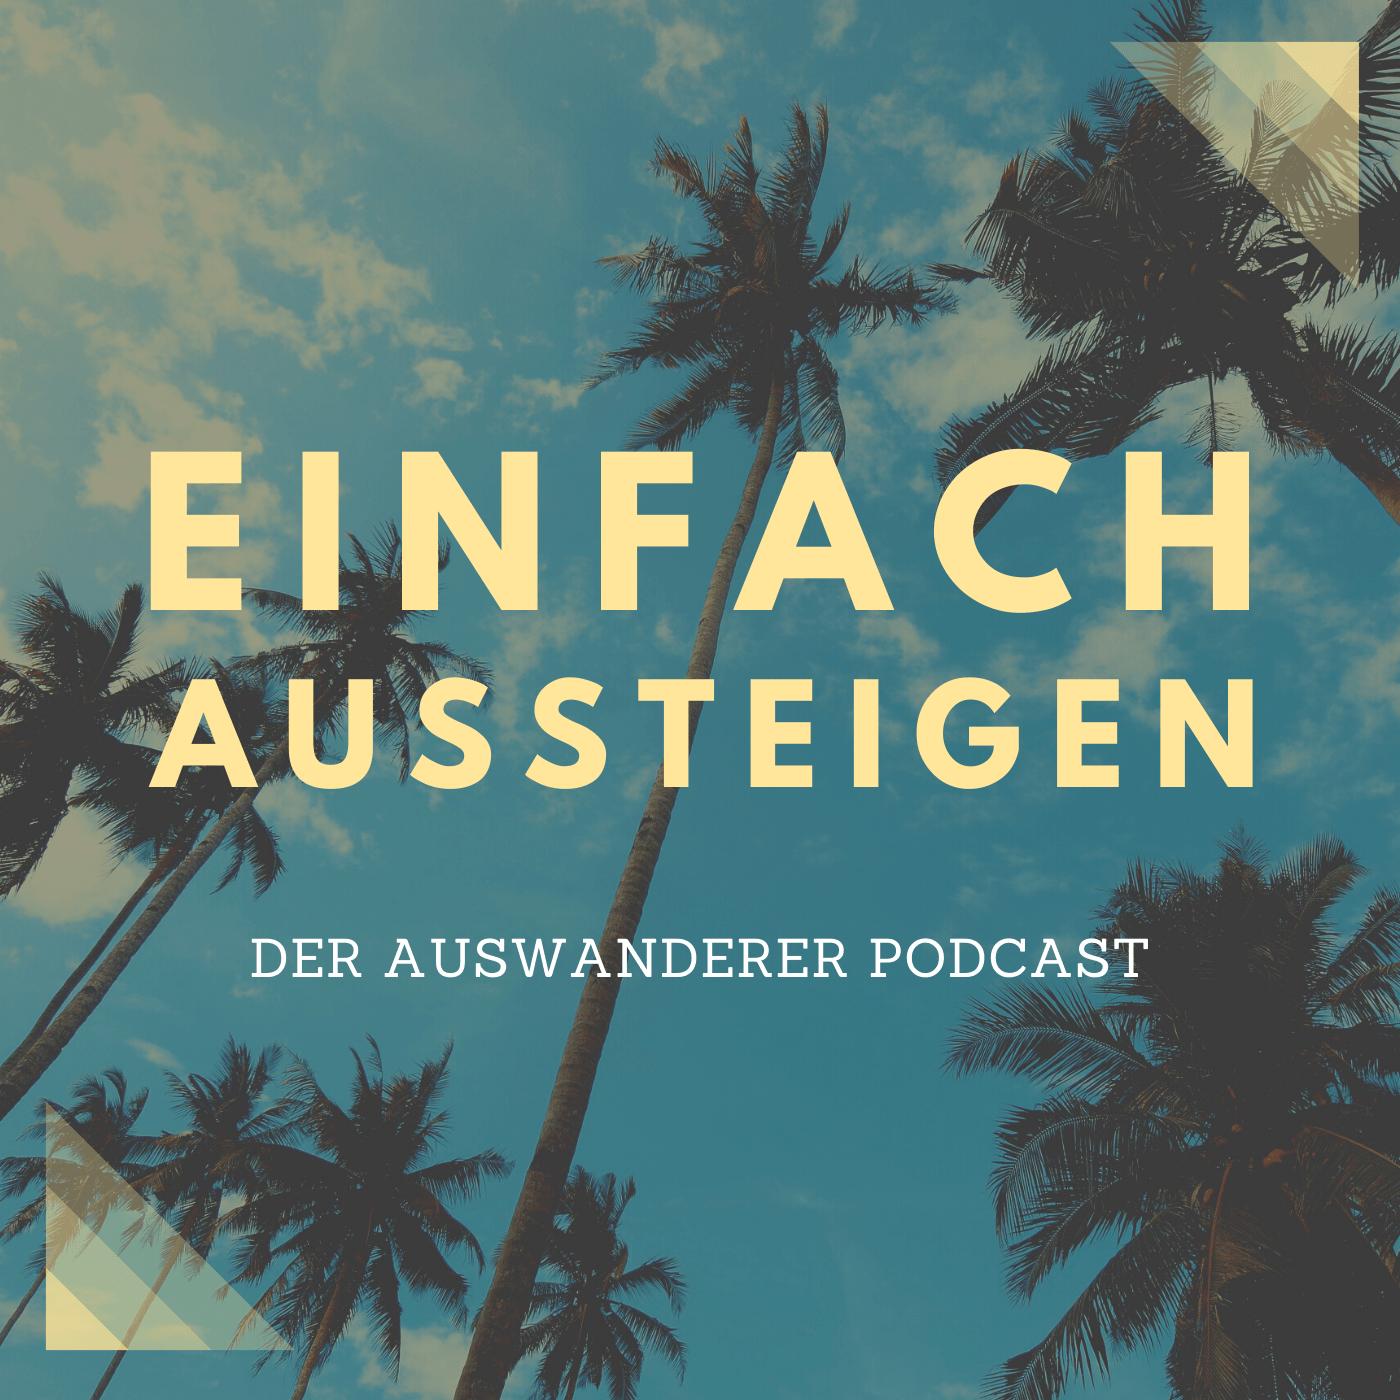 EINFACH AUSSTEIGEN der Auswanderer Podcast